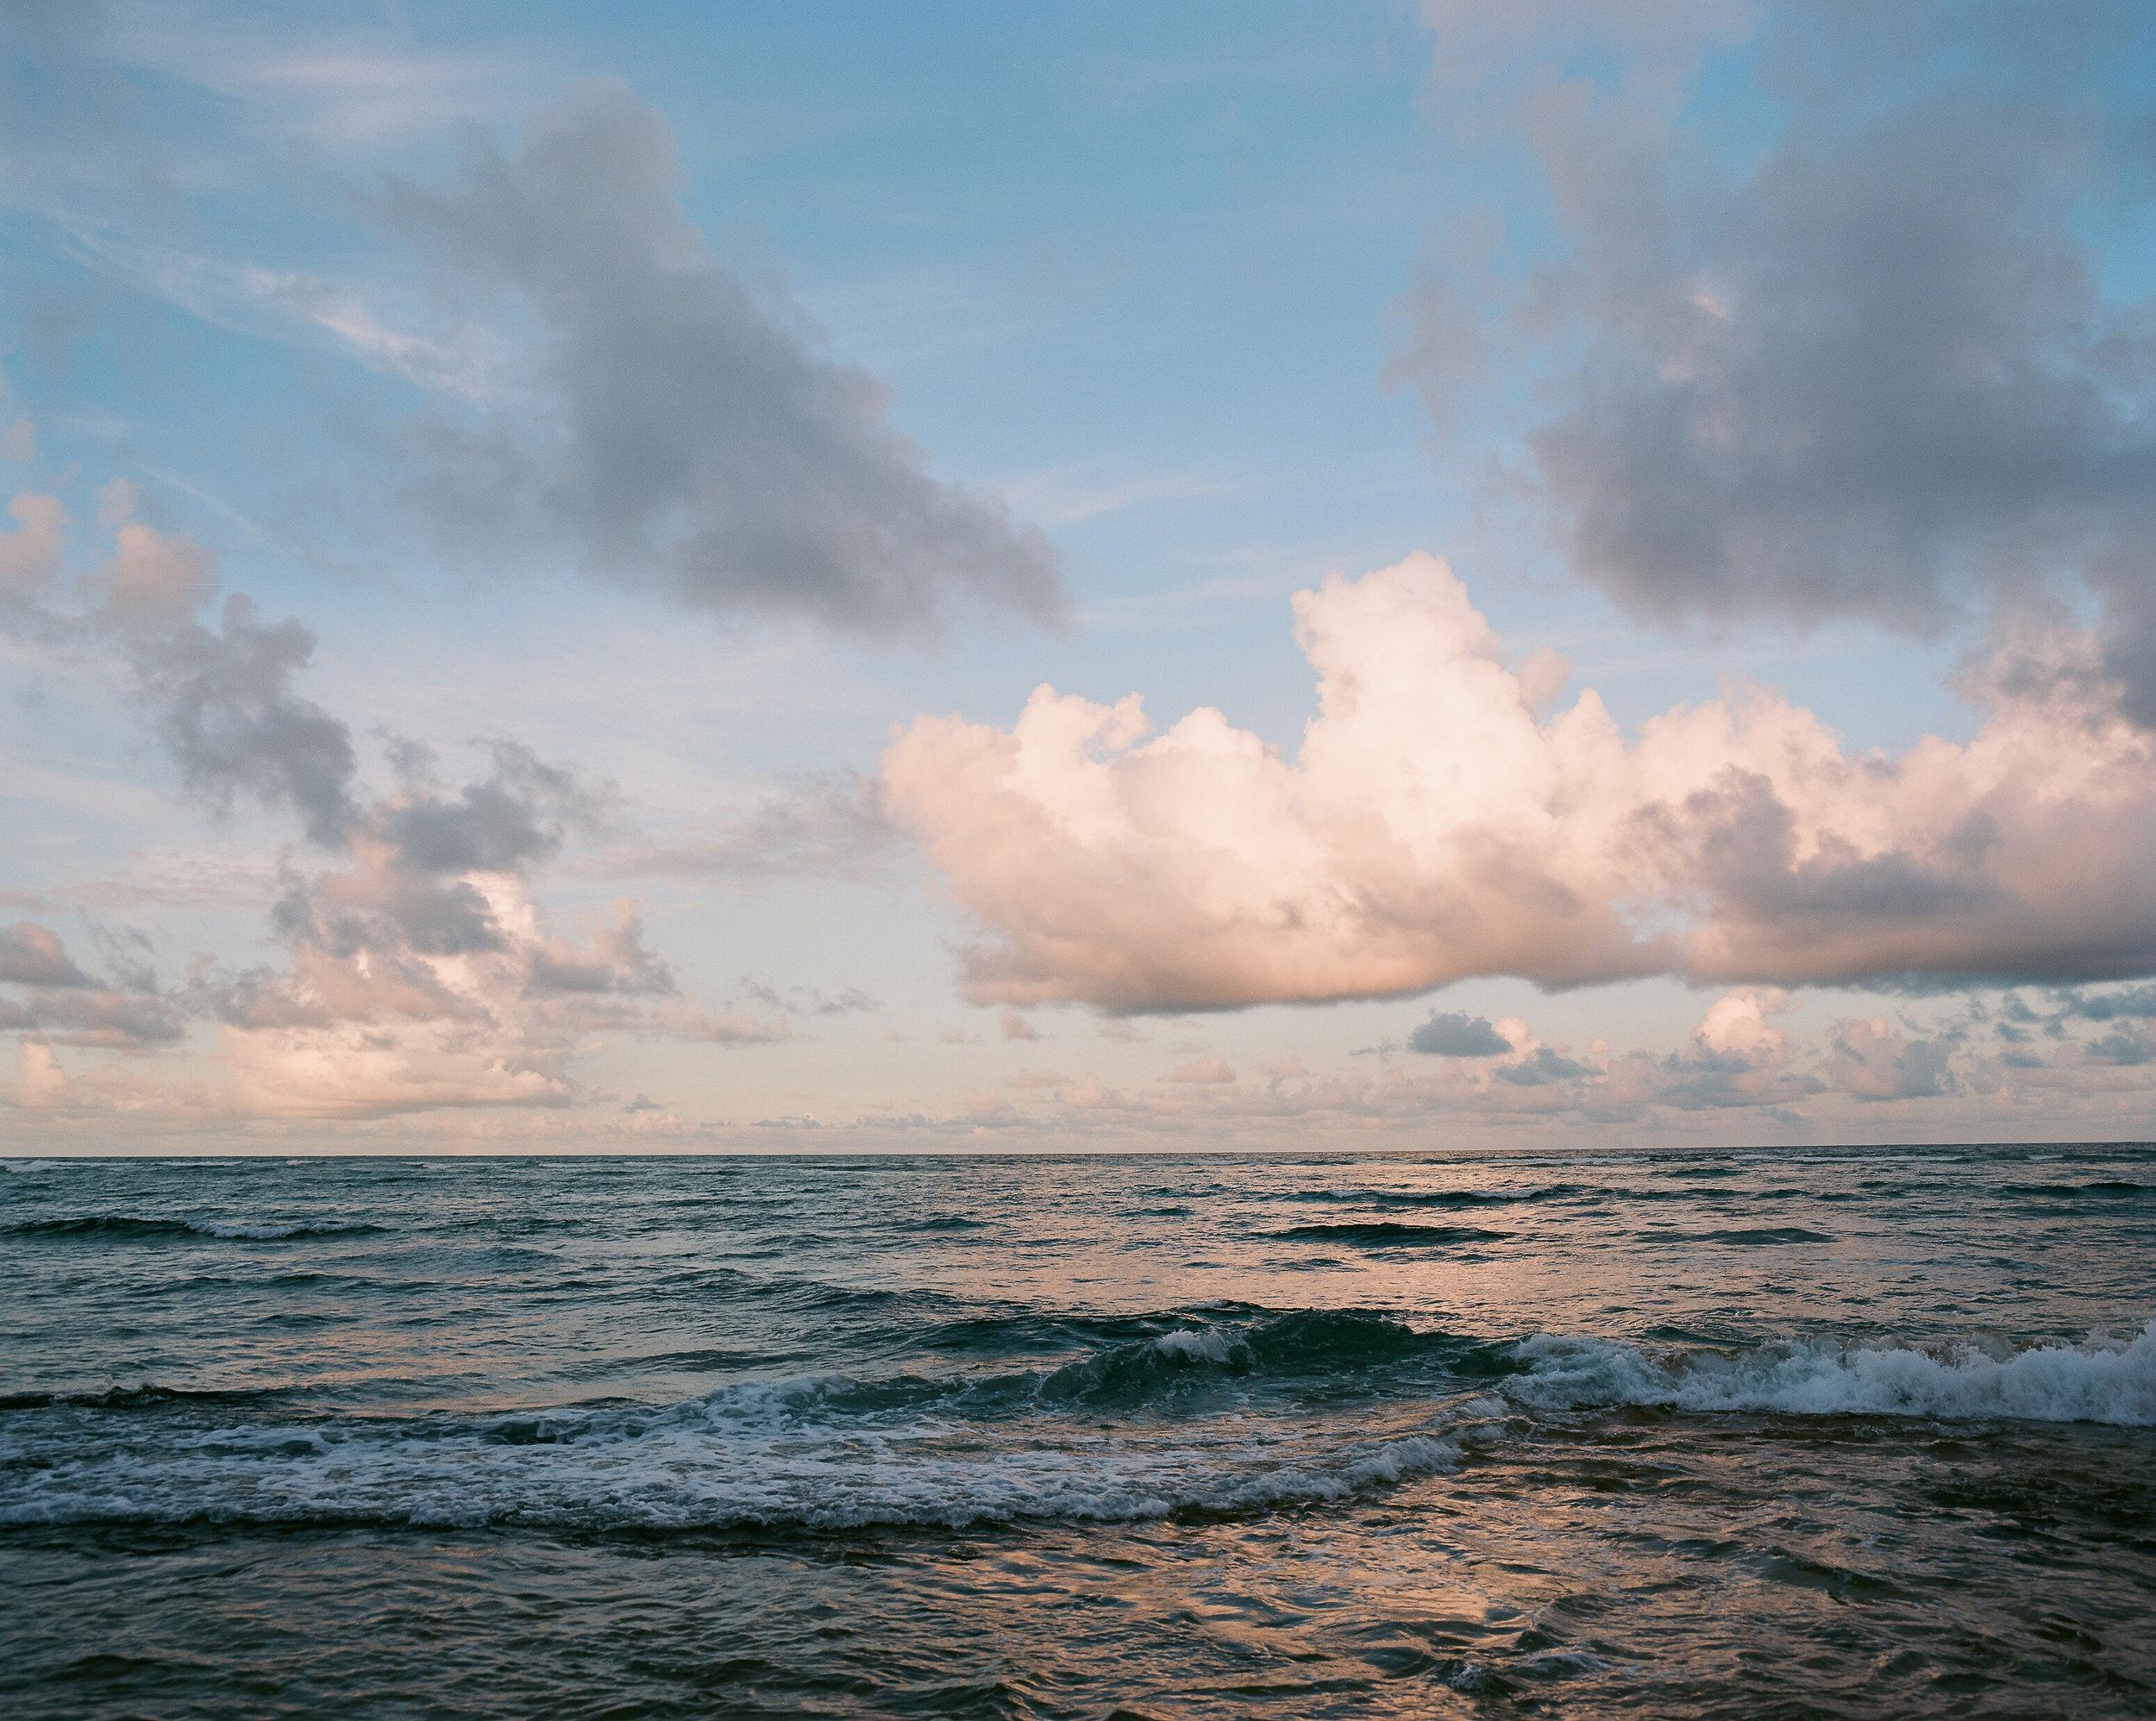 Kauai_Ektar 100_120_10.jpg